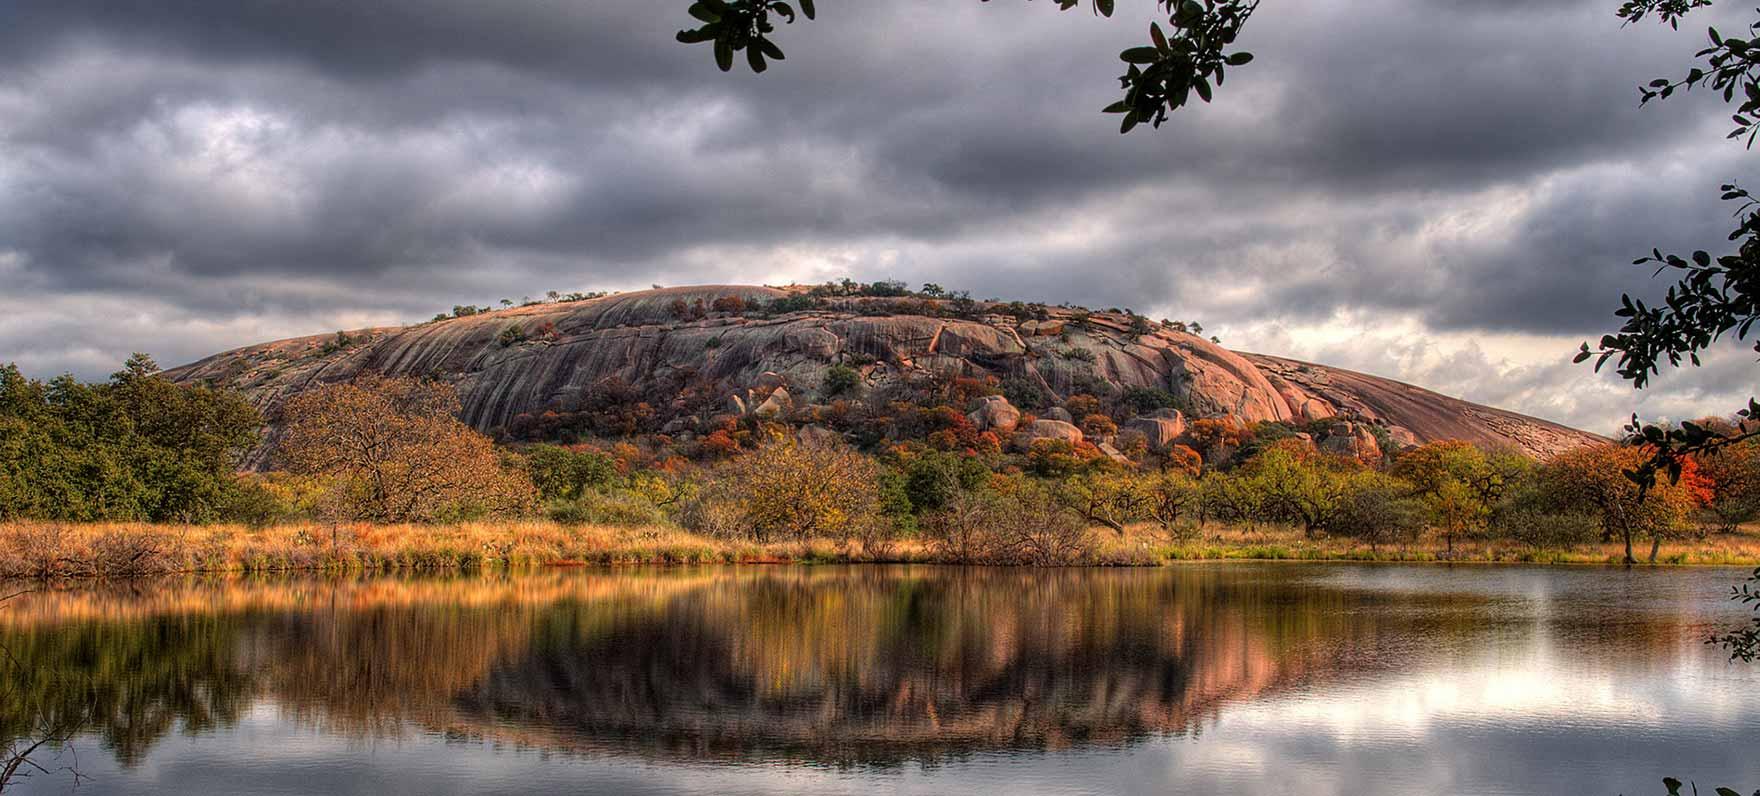 Enchanted Rock in Fredericksburg Texas